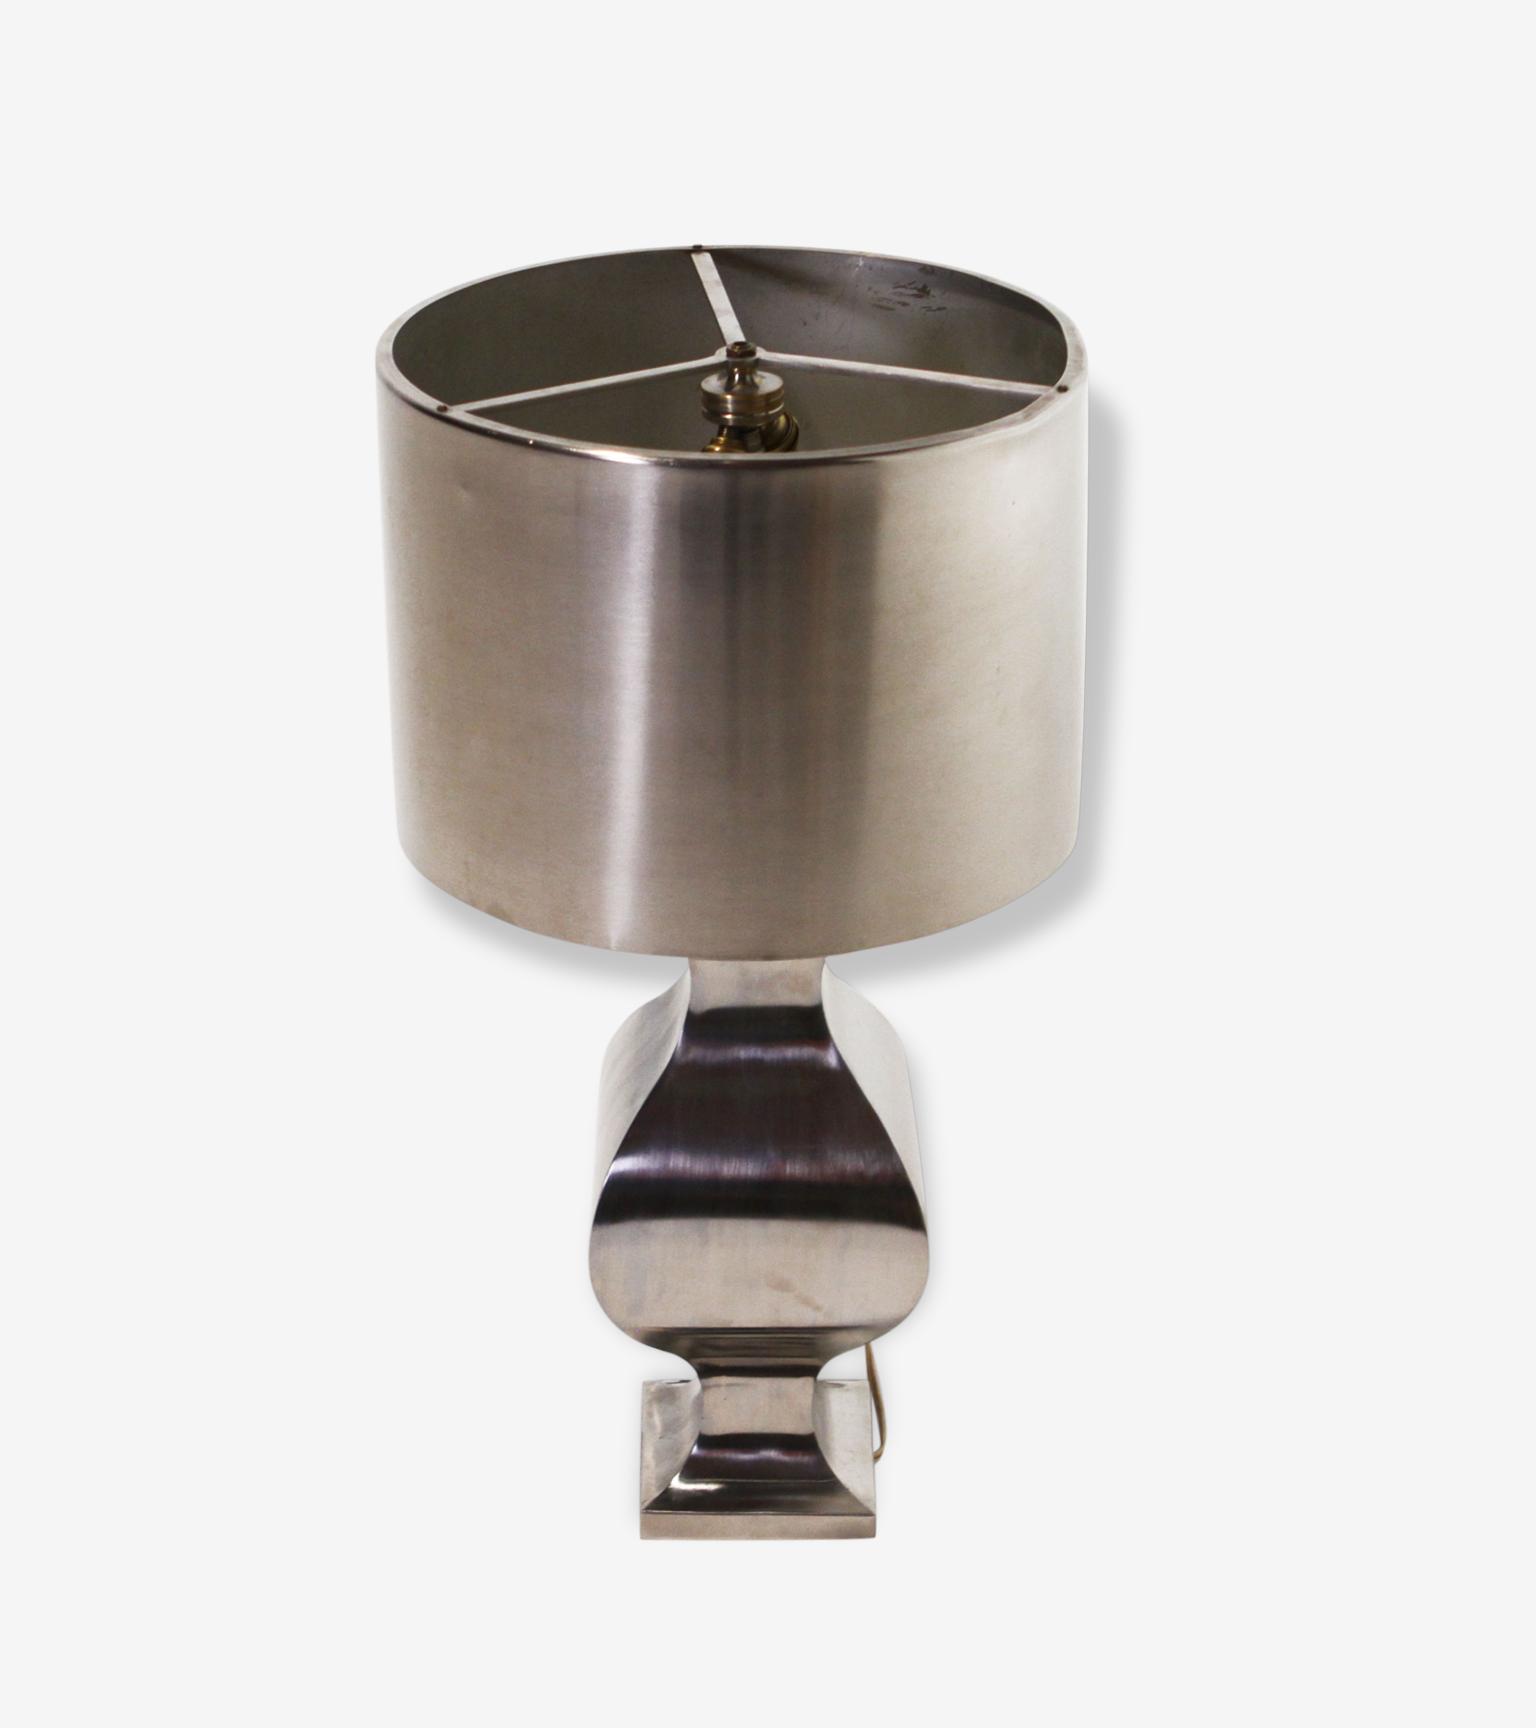 Lampe Maison Charles Annees 70 Metal Argent Couleur Vintage